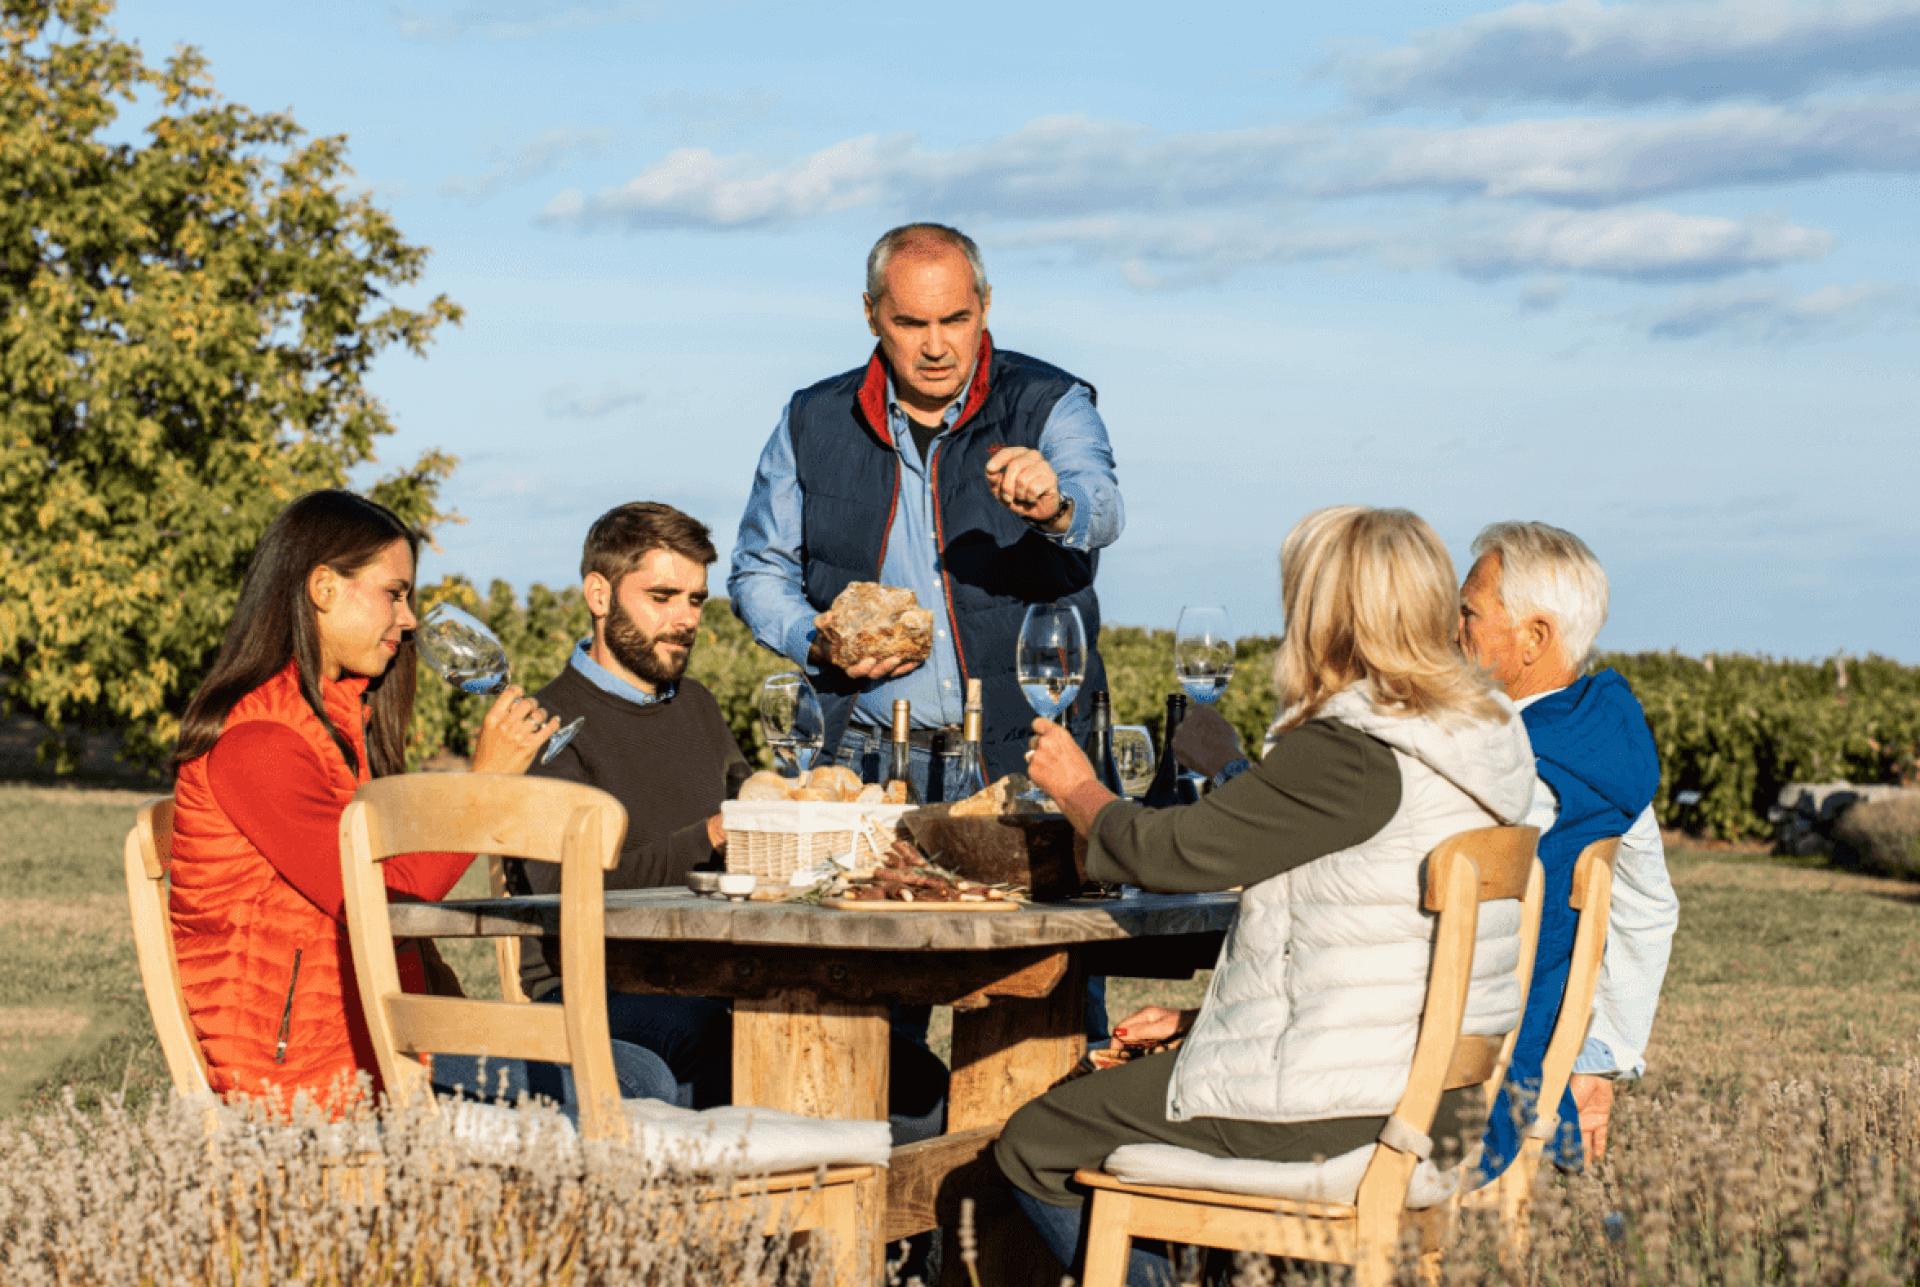 A borfogyasztás kultúrája